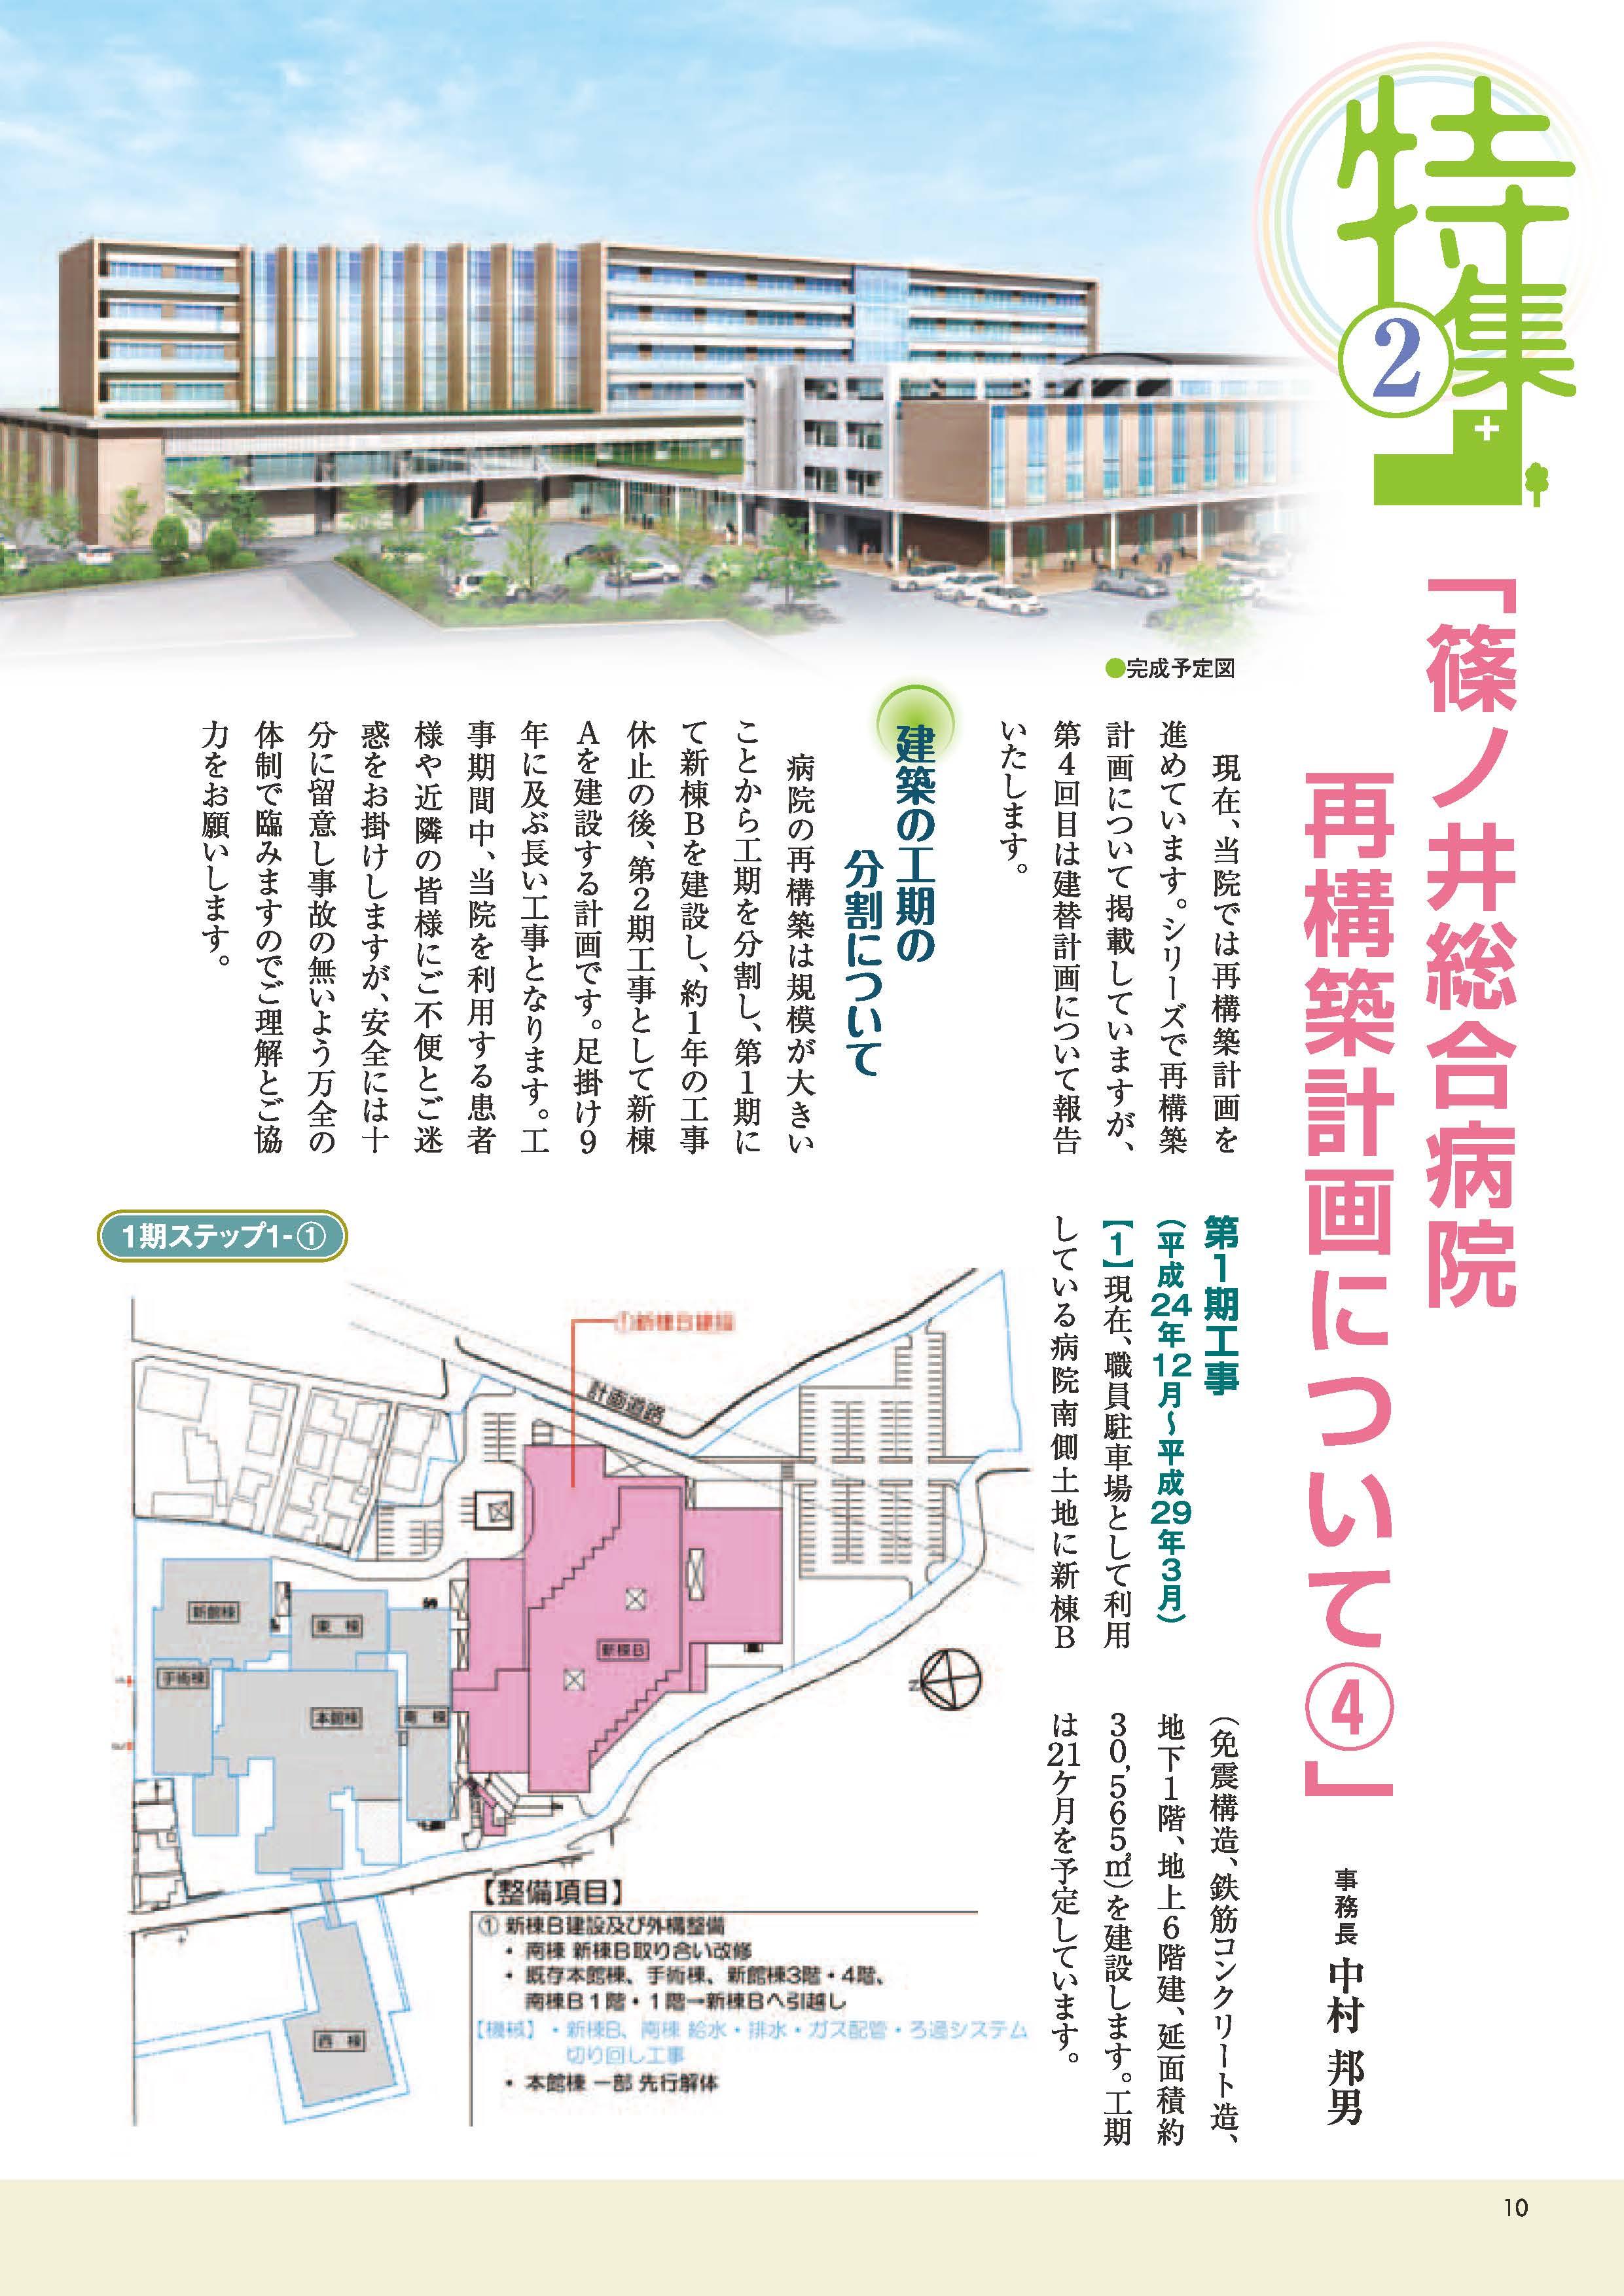 再構築計画について4_ページ_1